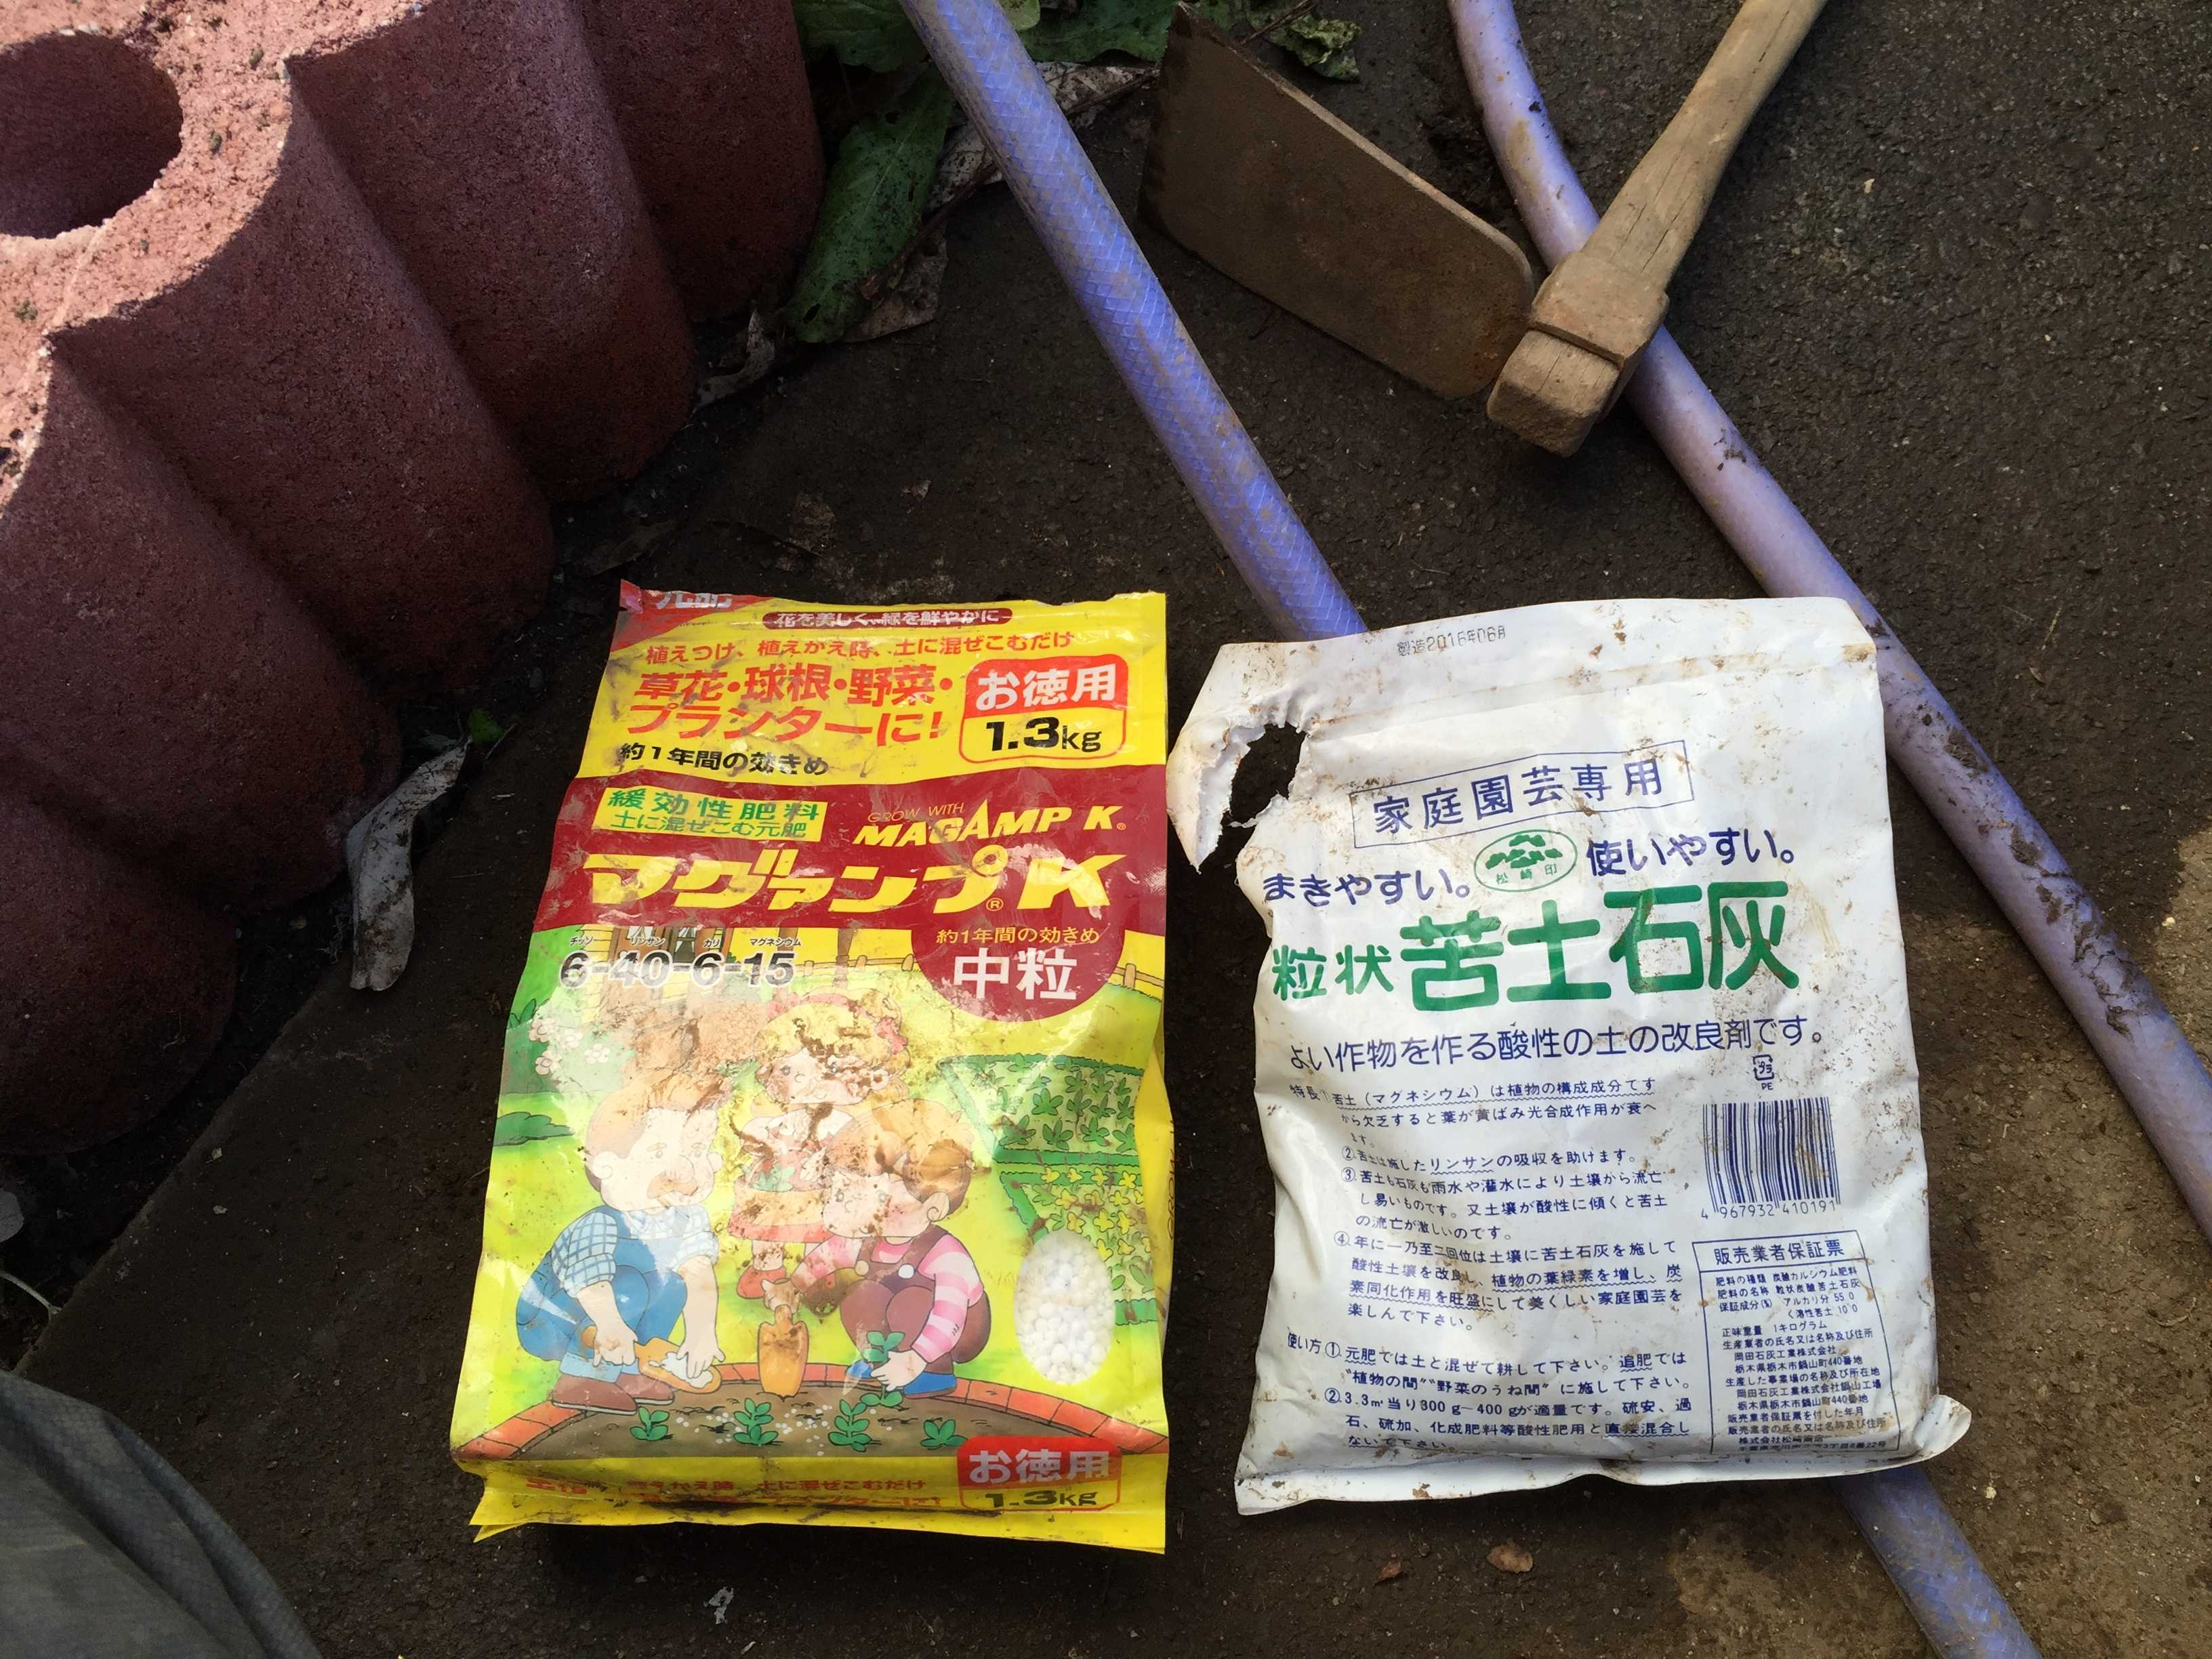 ヤマユリの球根植え付け - マグァンプK + 苦土石灰